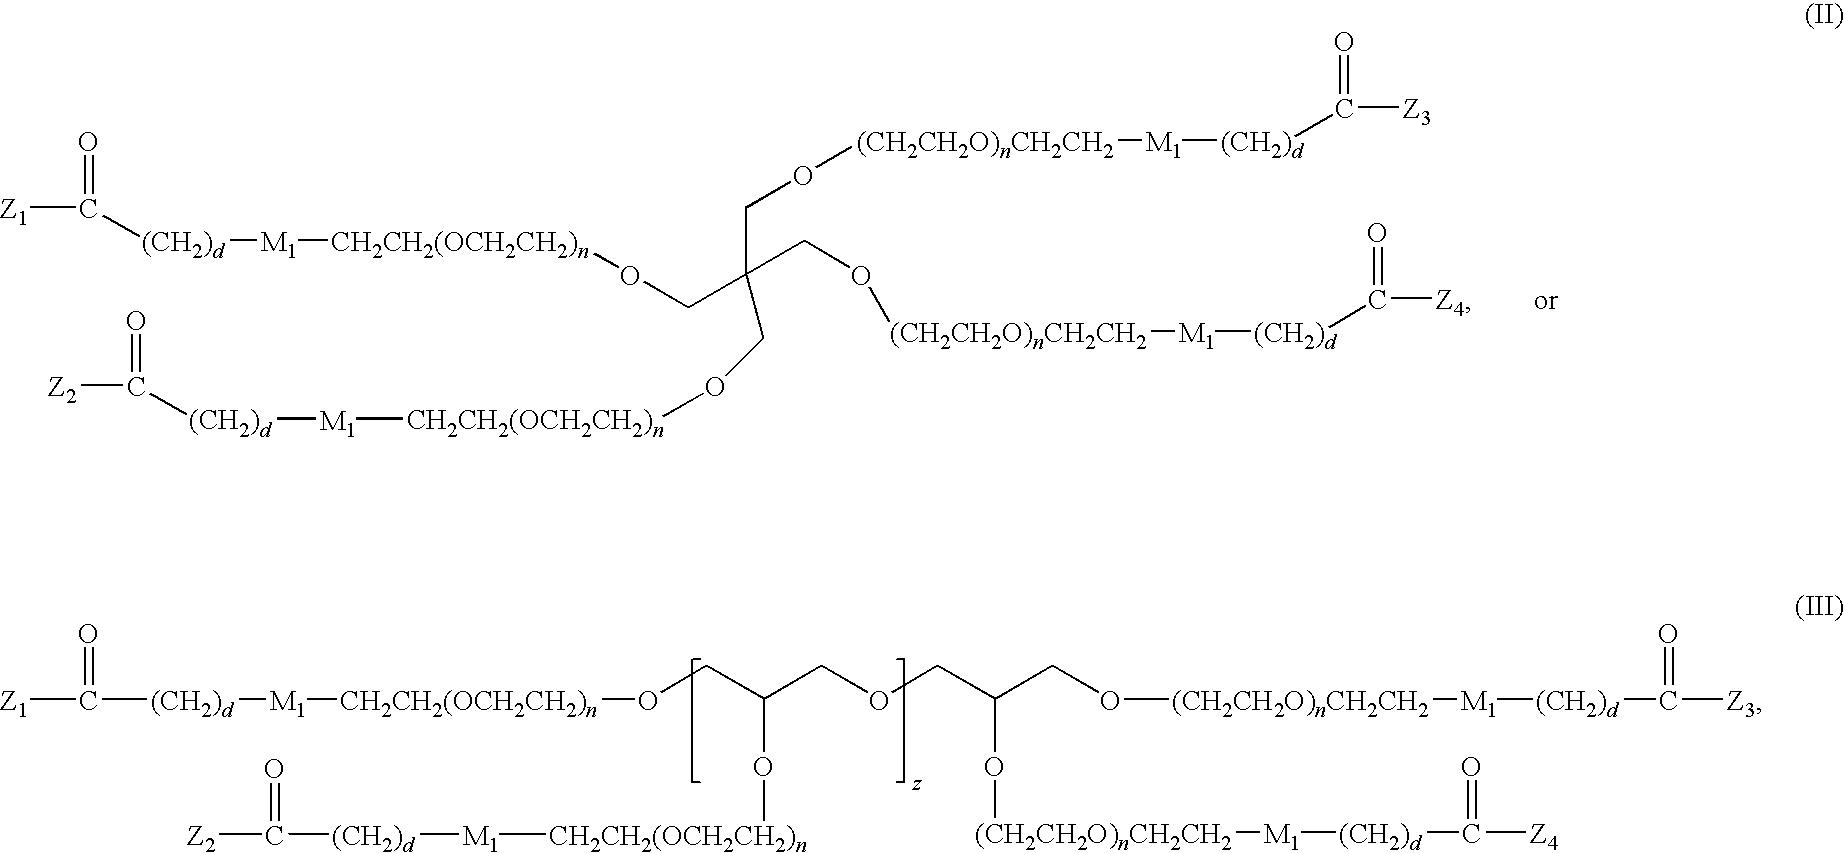 Figure US20100056555A1-20100304-C00044